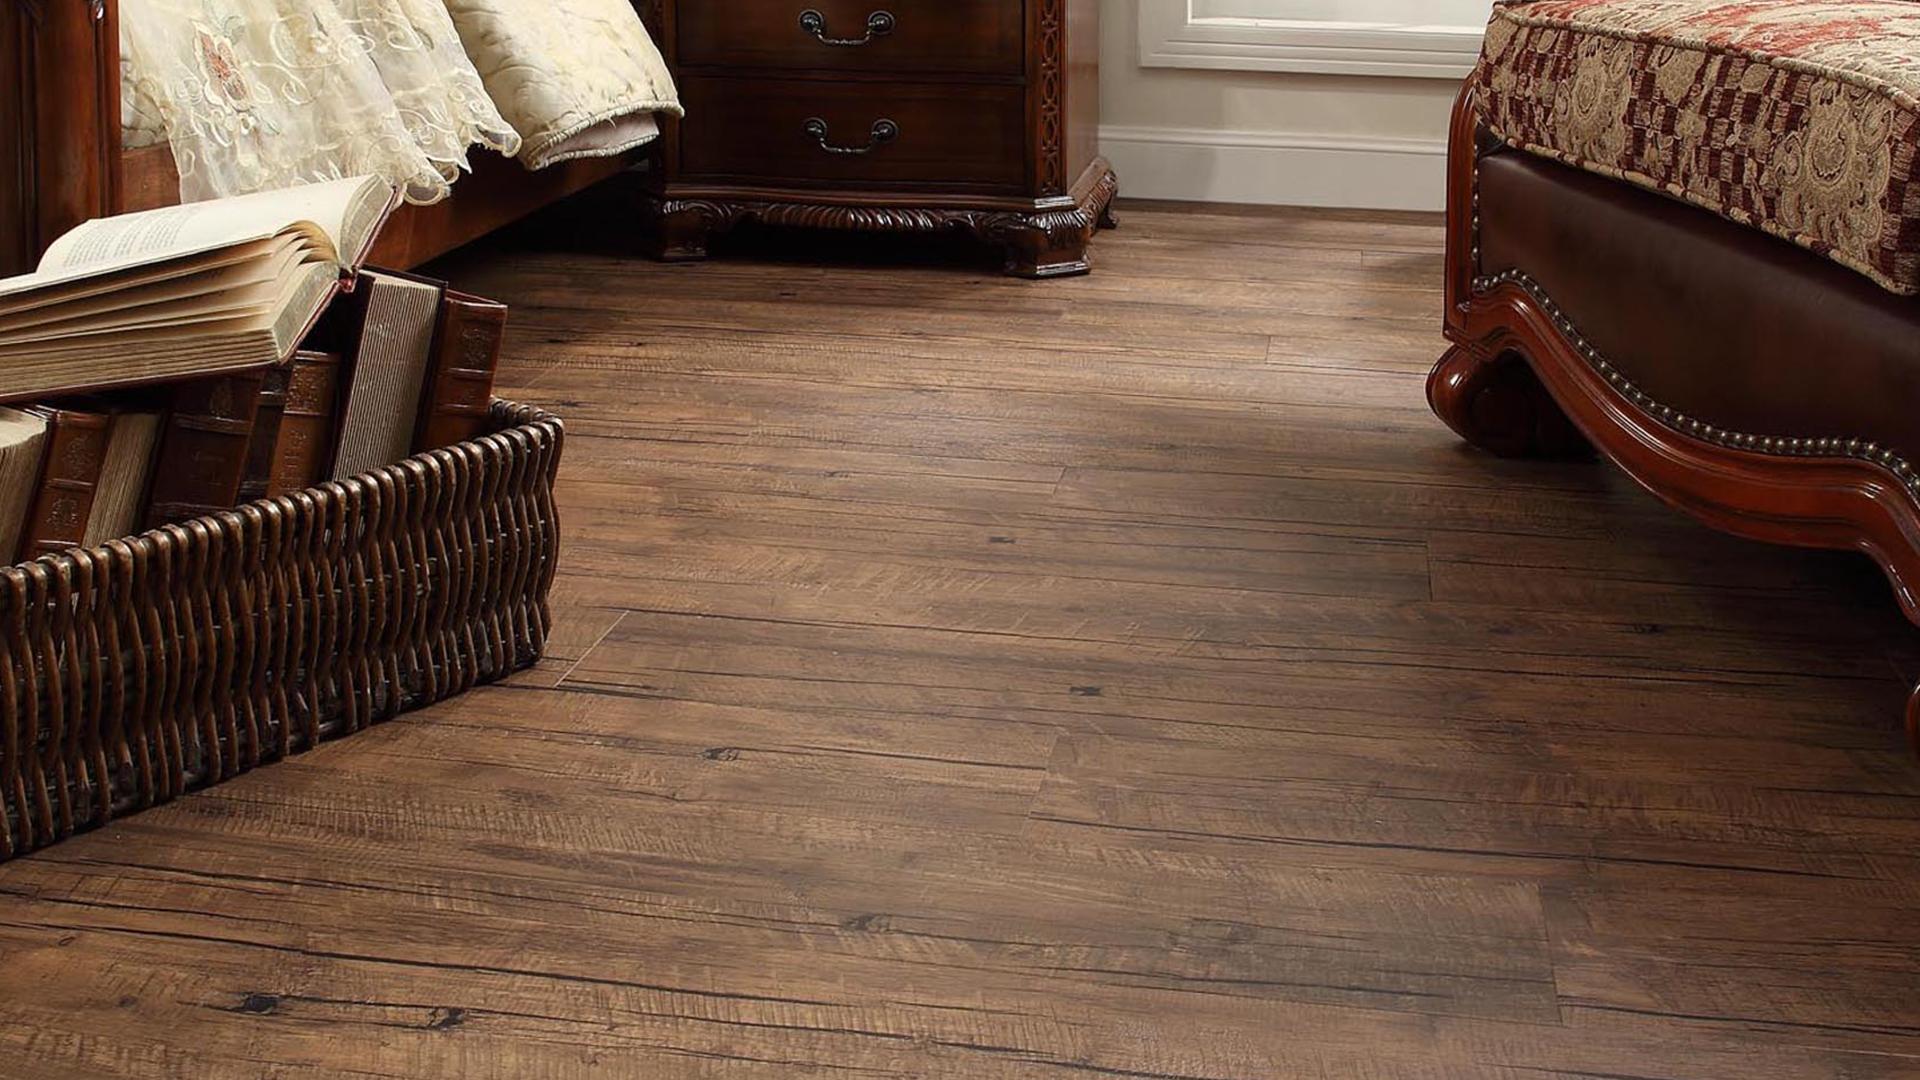 American-Carpet-Wholesalers-Flooring-intro-Laminates